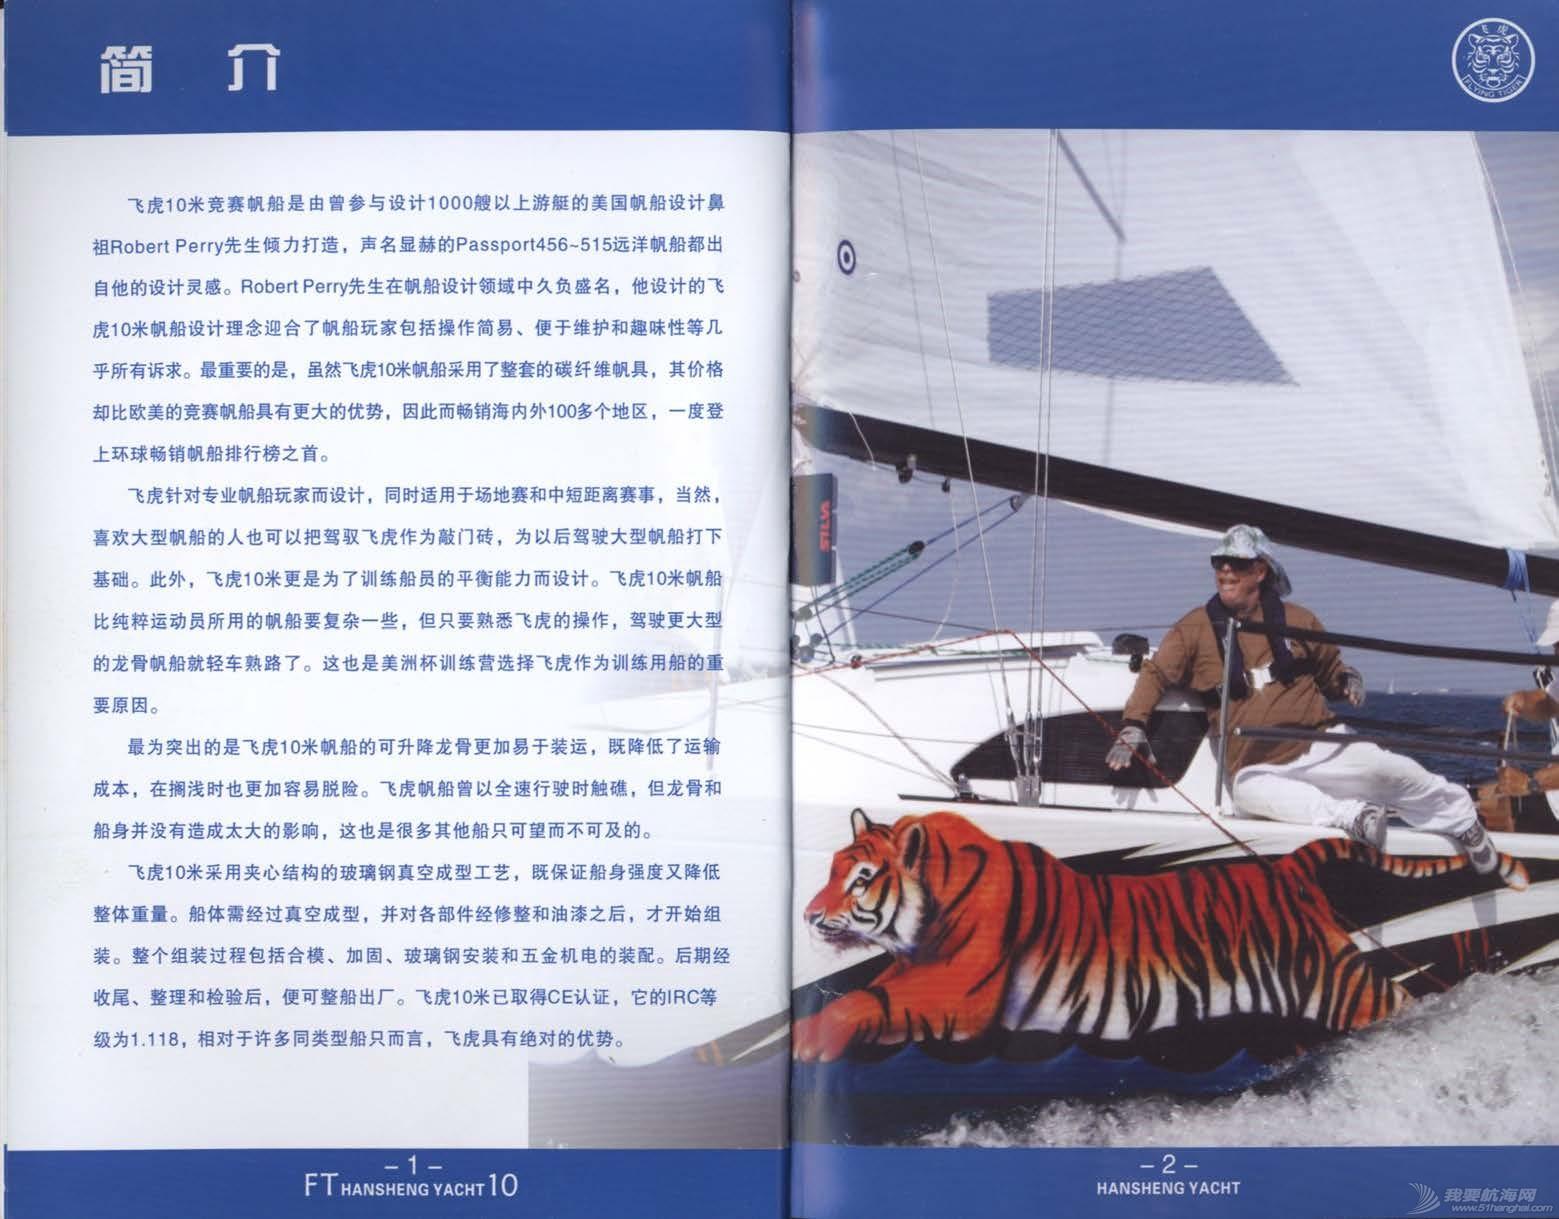 帆船,用户 《飞虎系列竞赛帆船用户手册》PDF下载 八米飞虎和十米飞虎 3.jpg